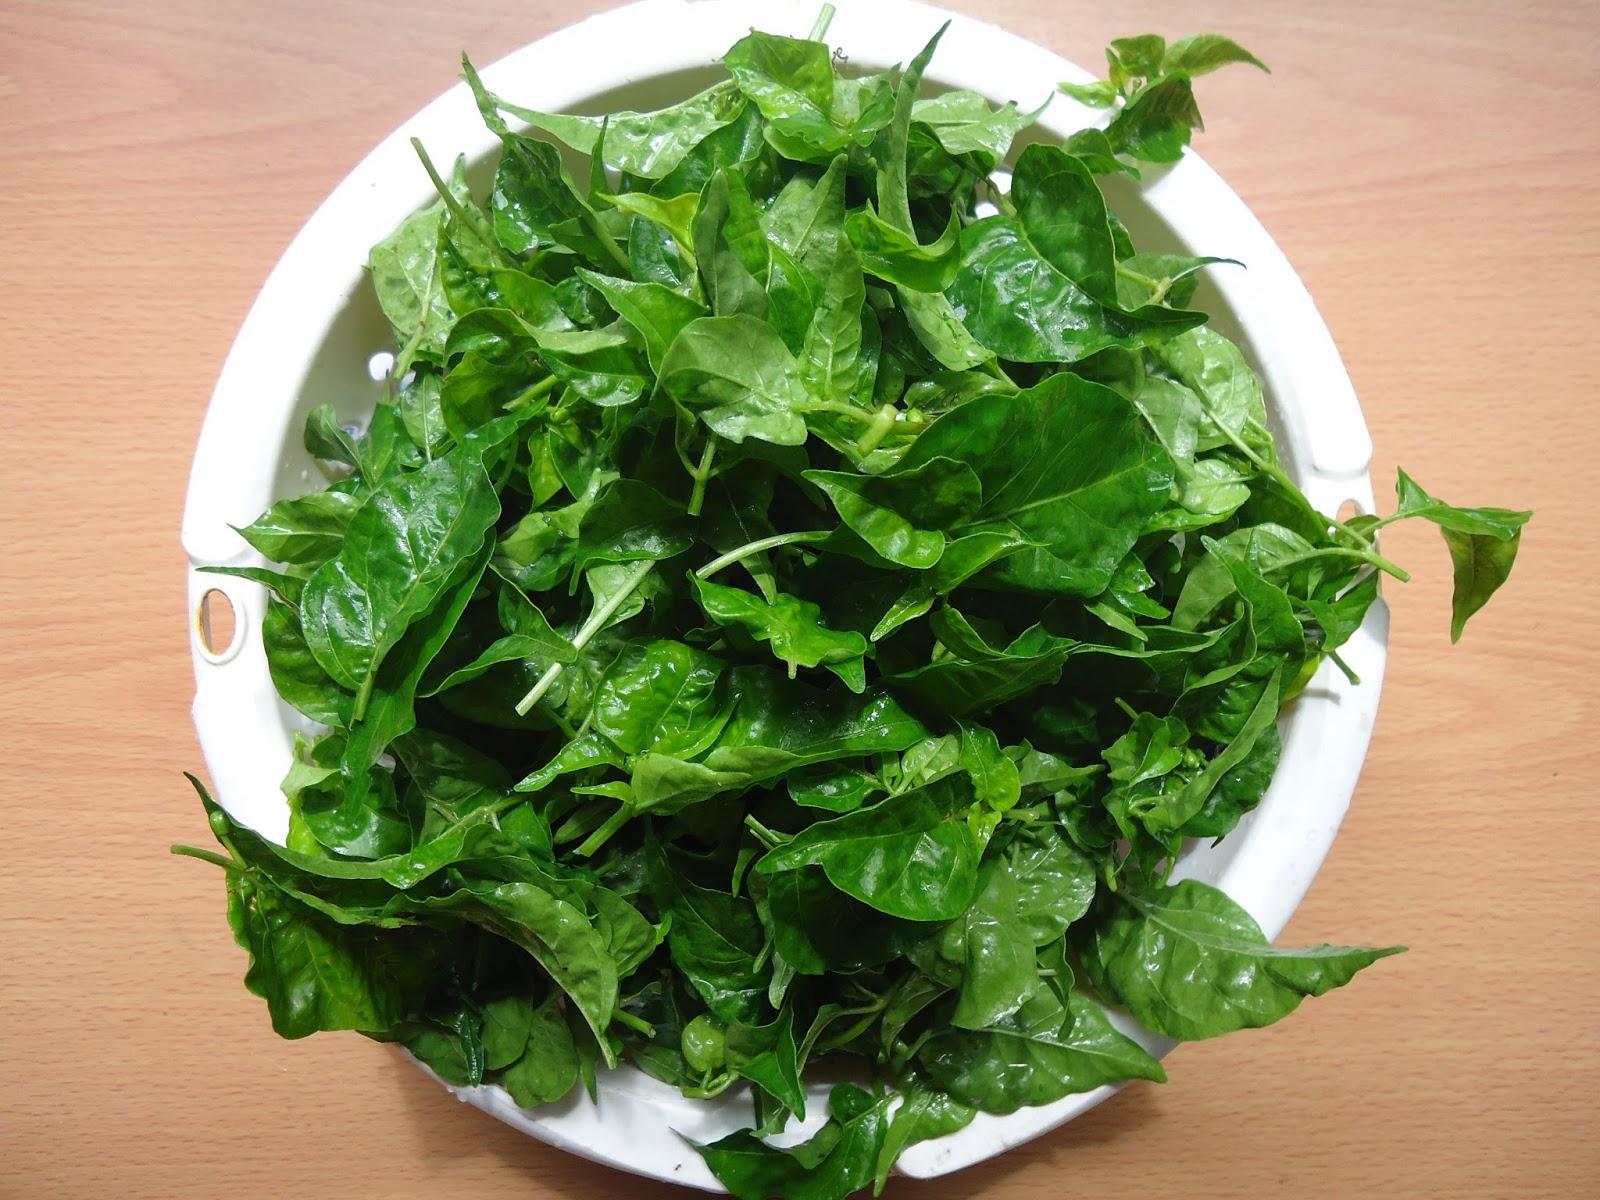 Chili leaves or dahon ng sili